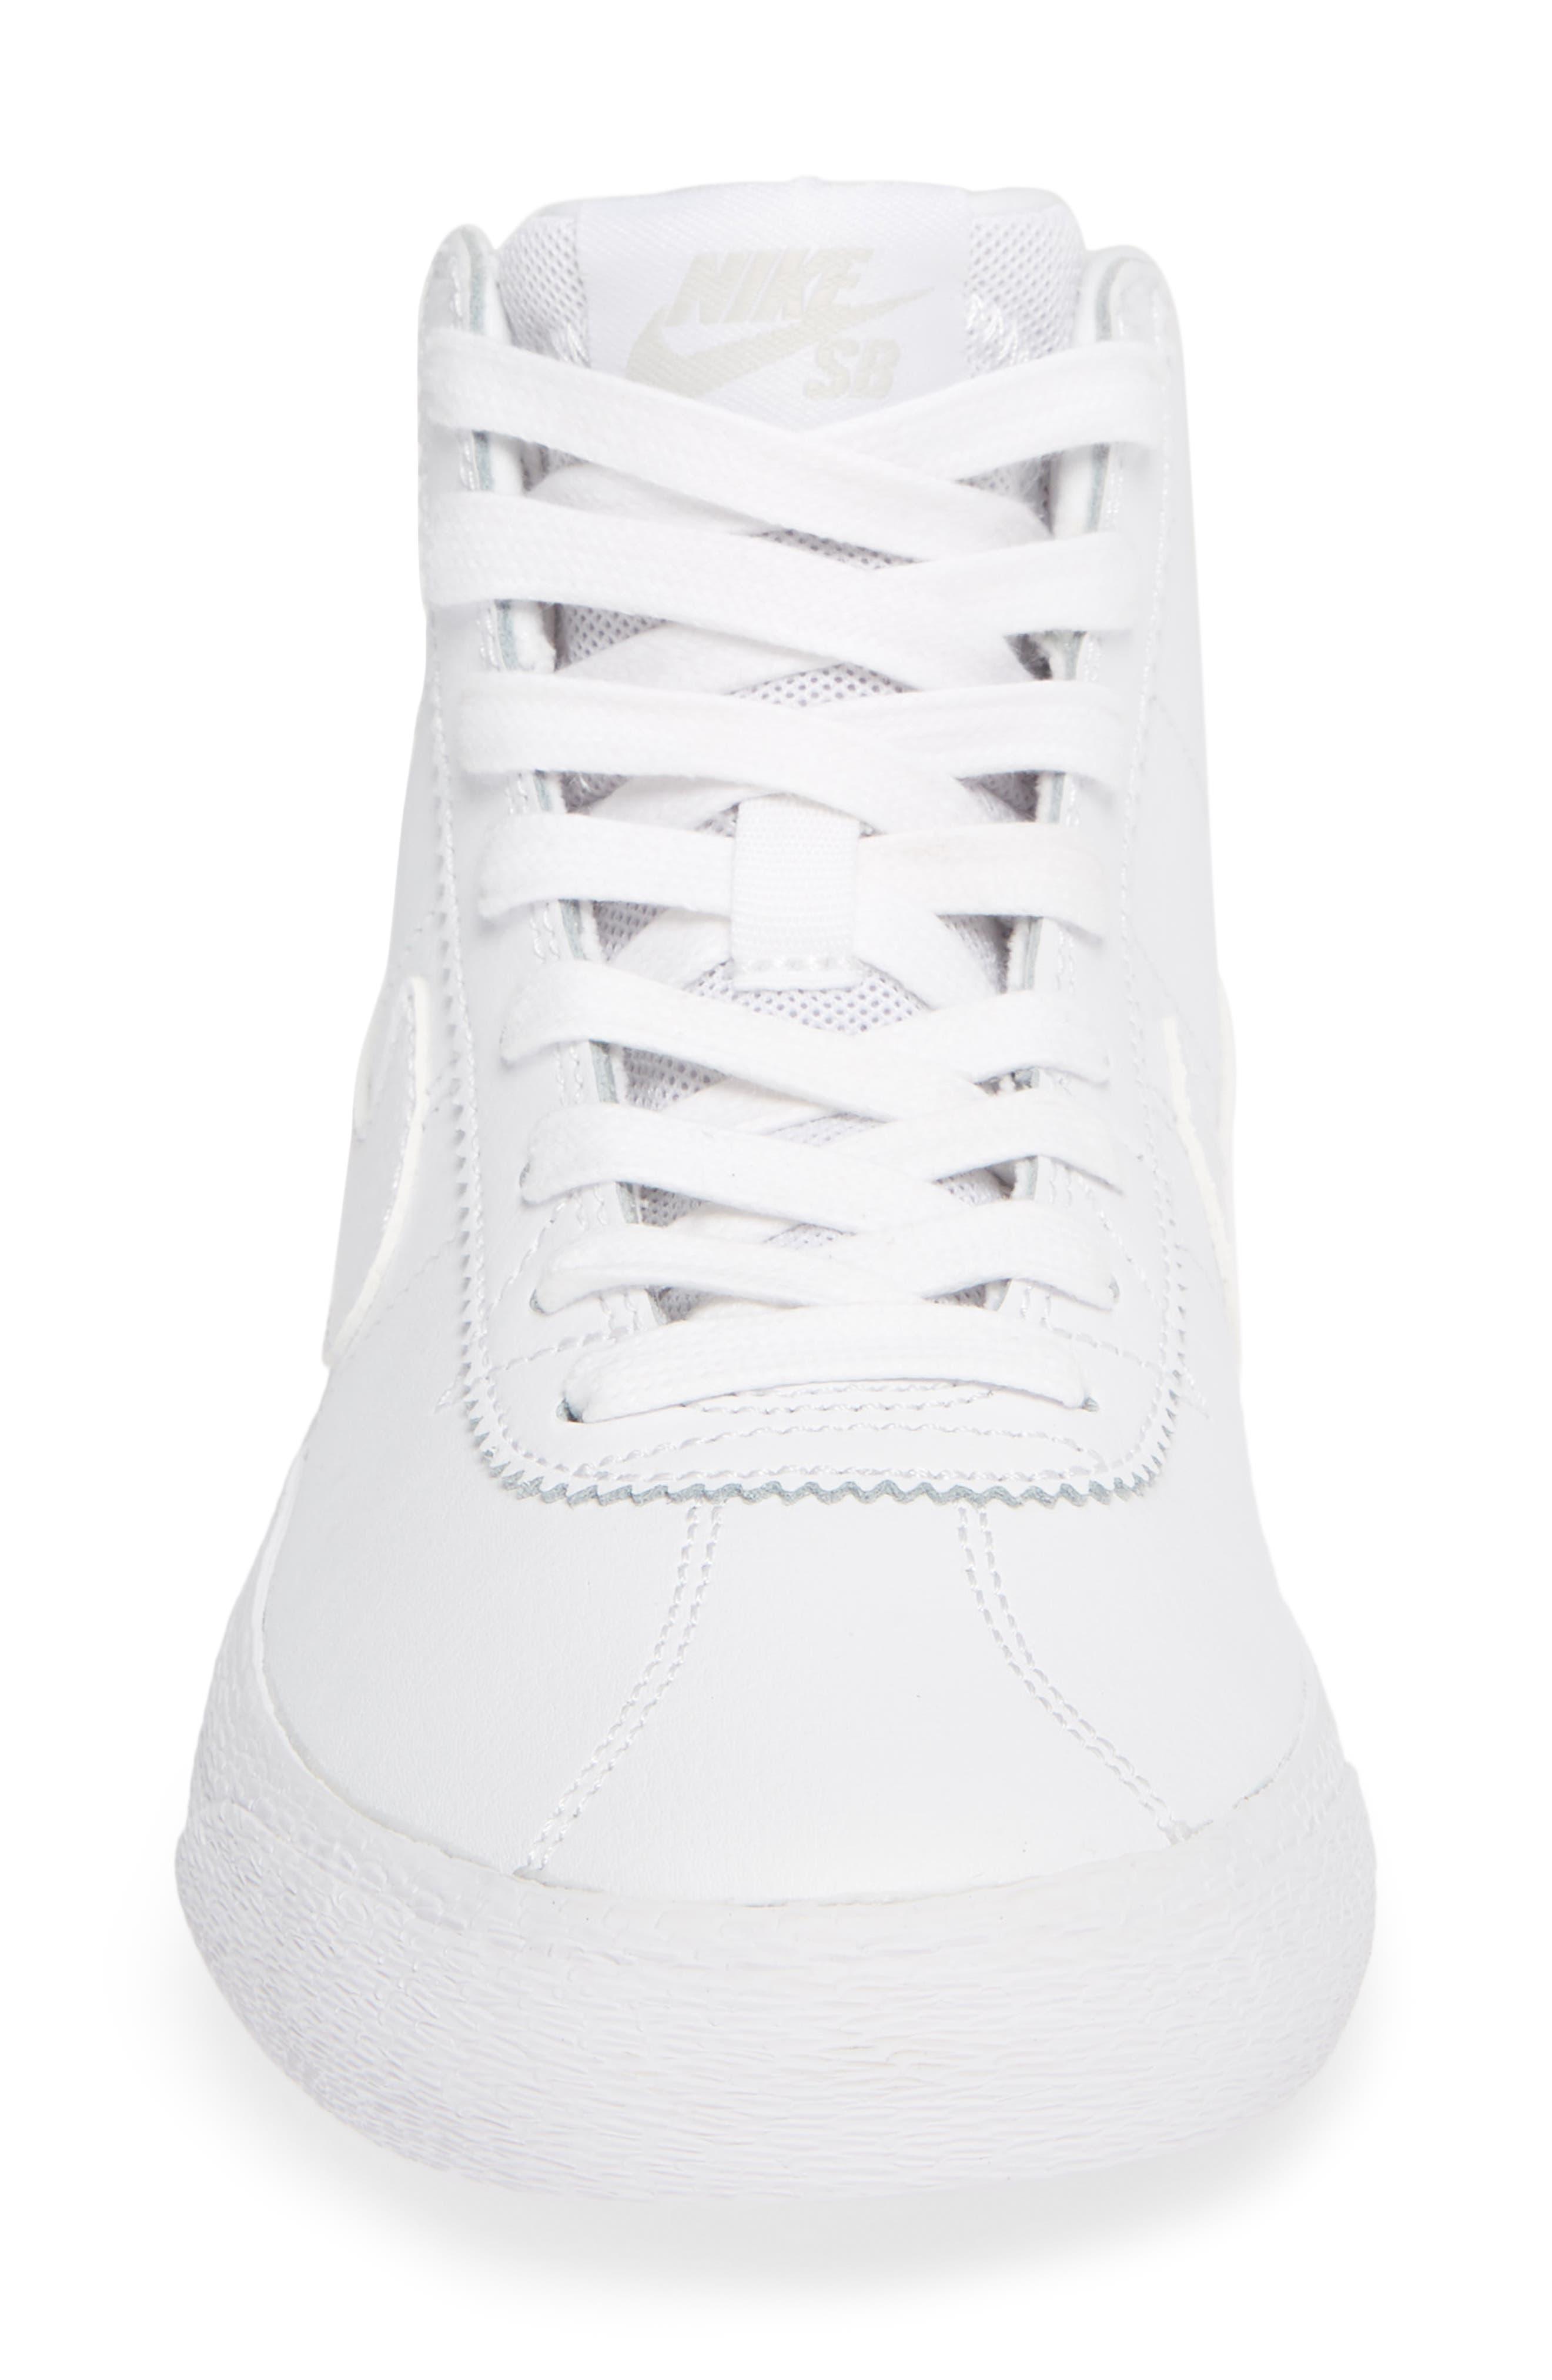 SB Bruin Hi Skateboarding Sneaker,                             Alternate thumbnail 4, color,                             WHITE/ WHITE/ VAST GREY